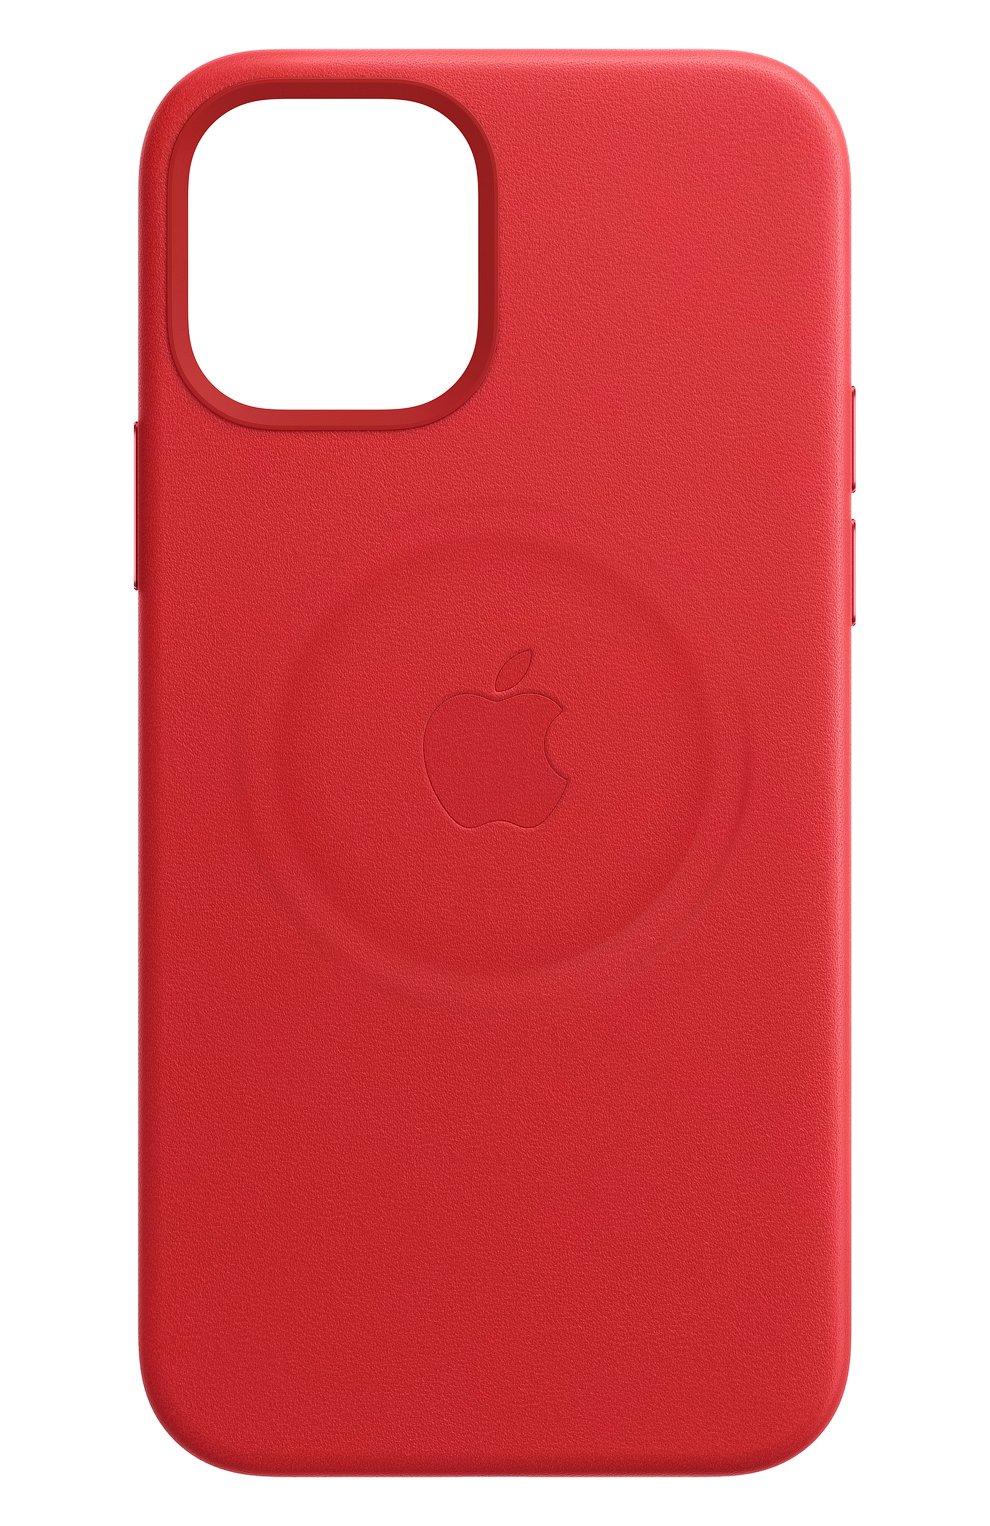 Чехол magsafe для iphone 12 mini APPLE  (product)red цвета, арт. MHK73ZE/A | Фото 1